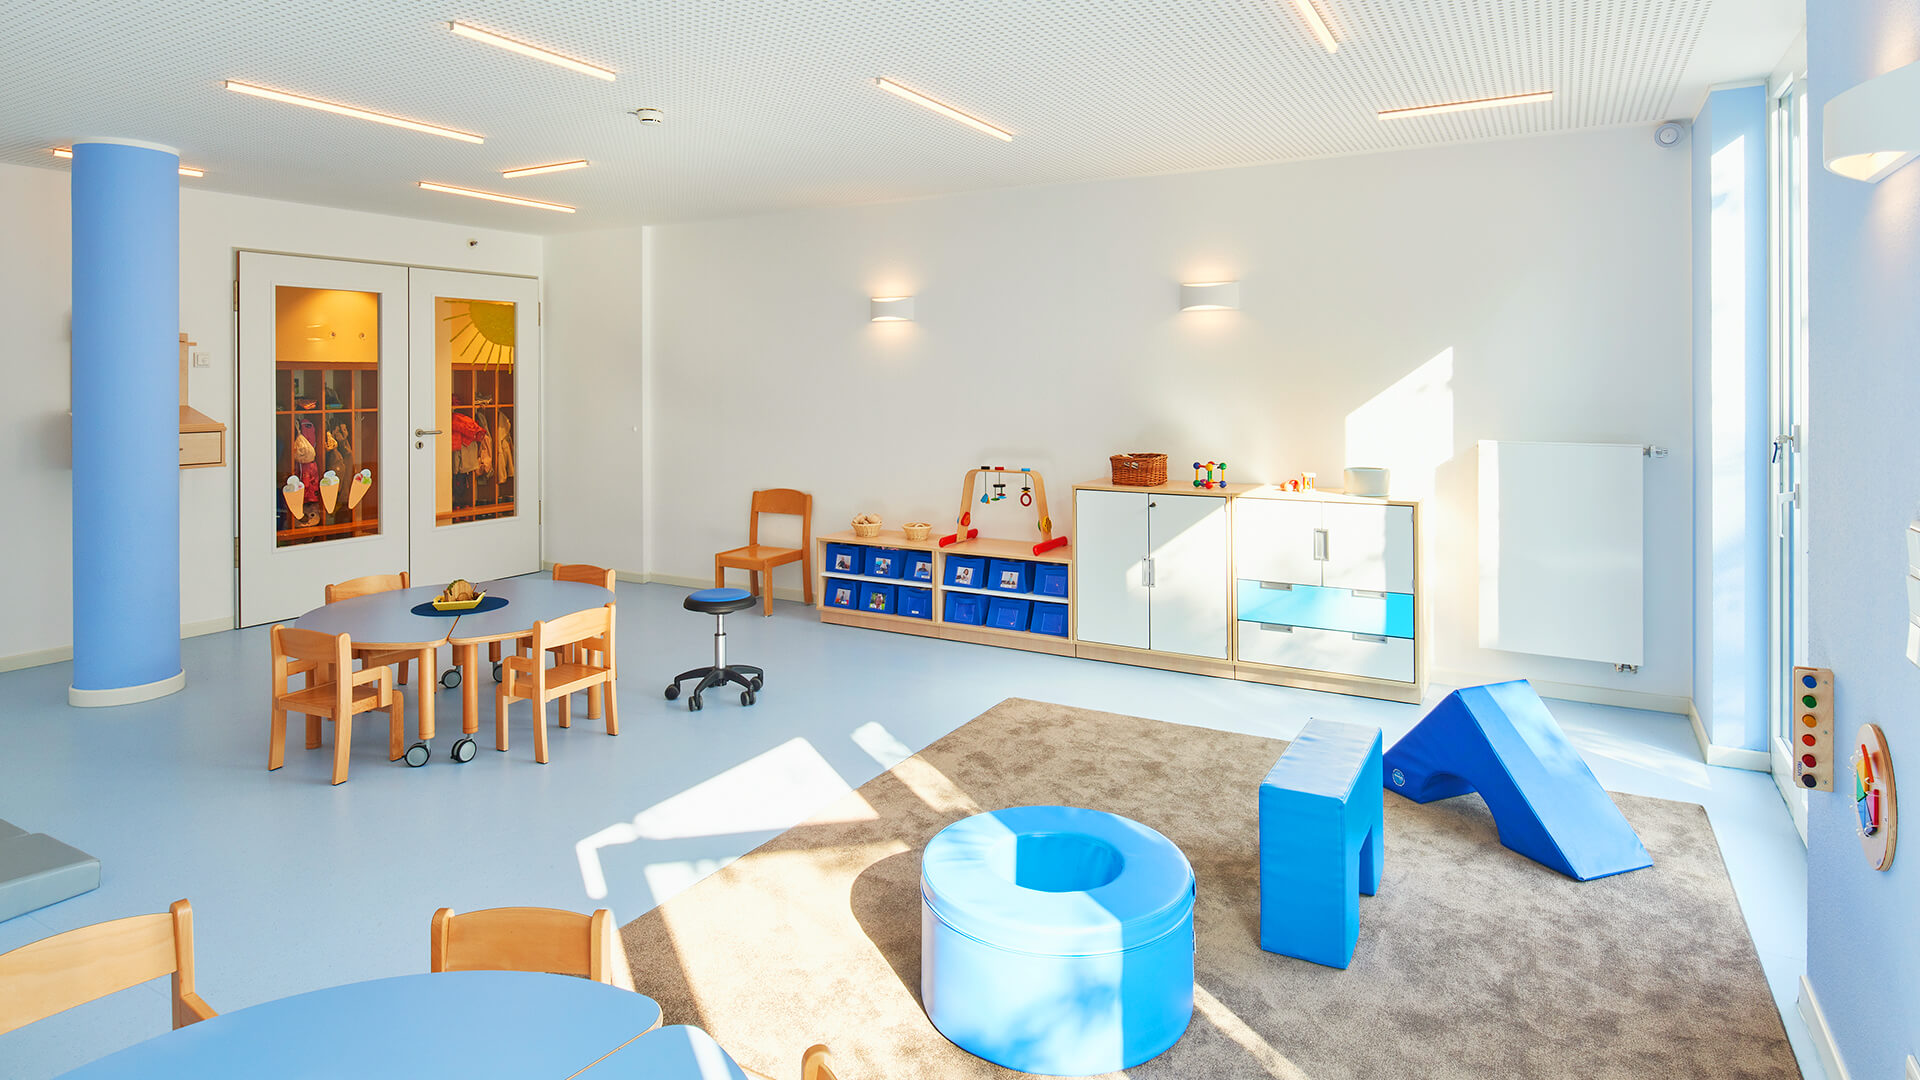 Freundlicher, blauer Innenraum mit Teppich und Spielmöglichkeiten